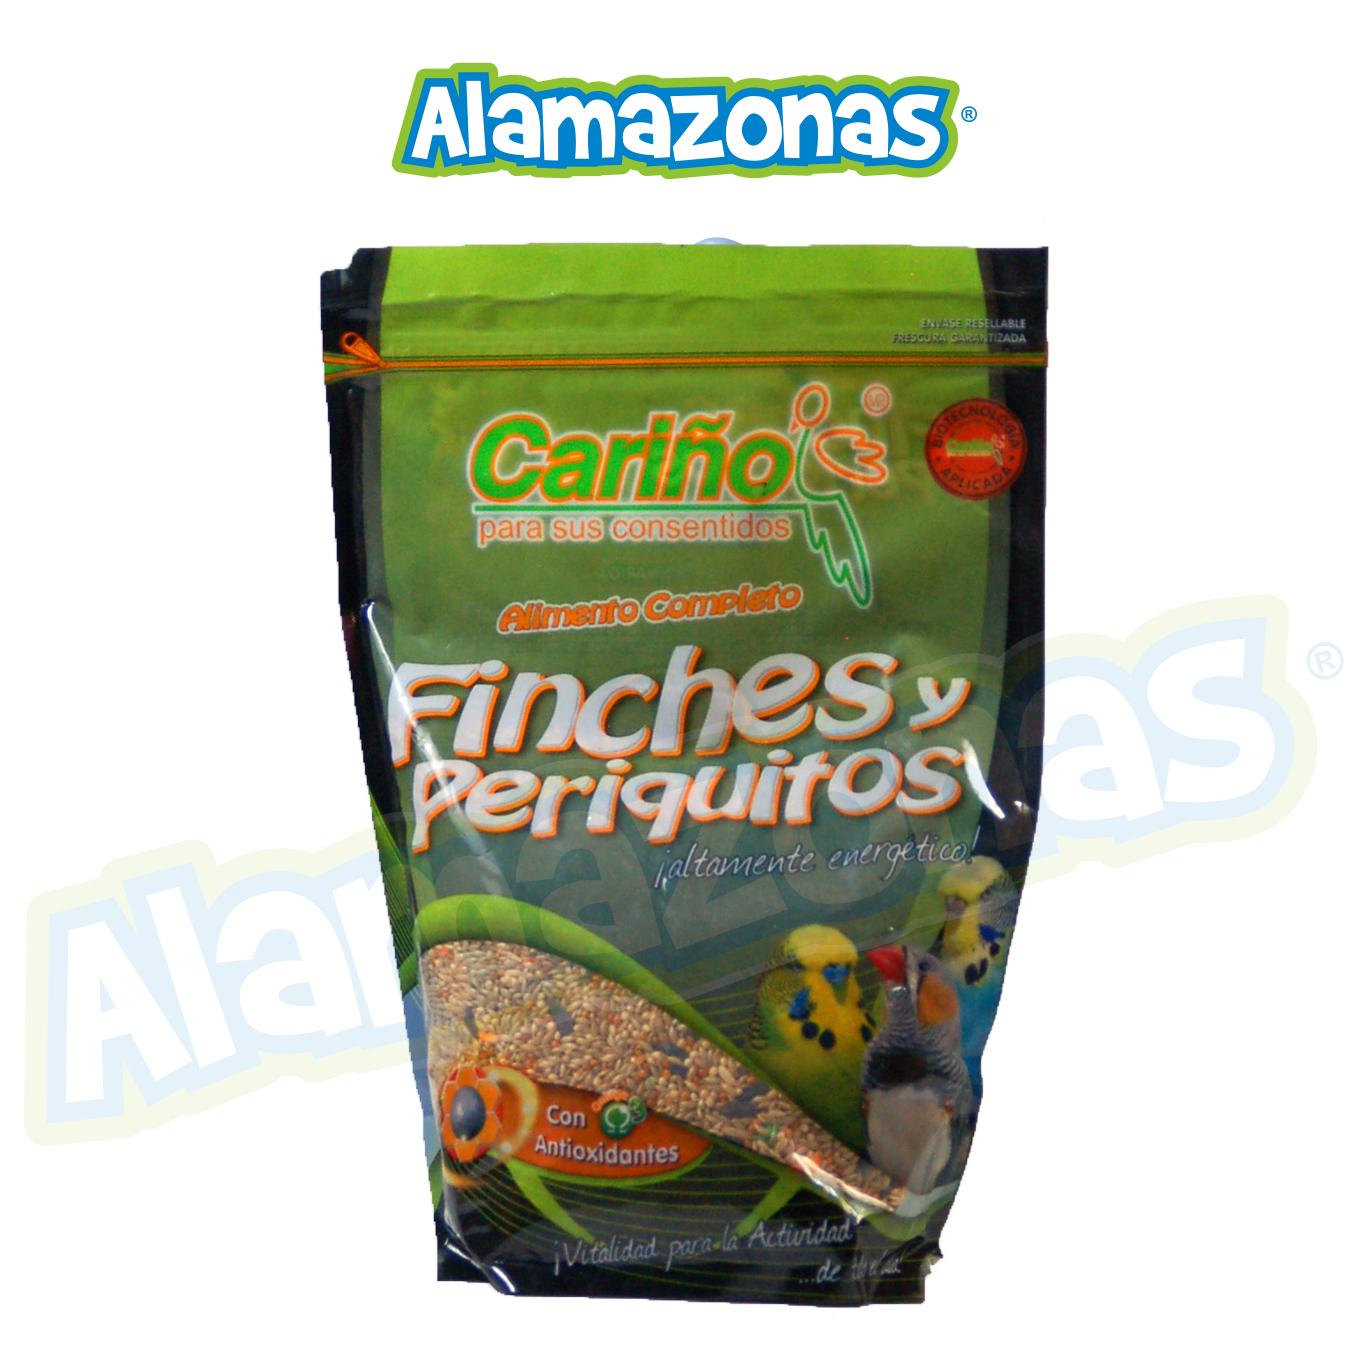 Alimento completo para Finches y Periquitos Cariño Alamazonas